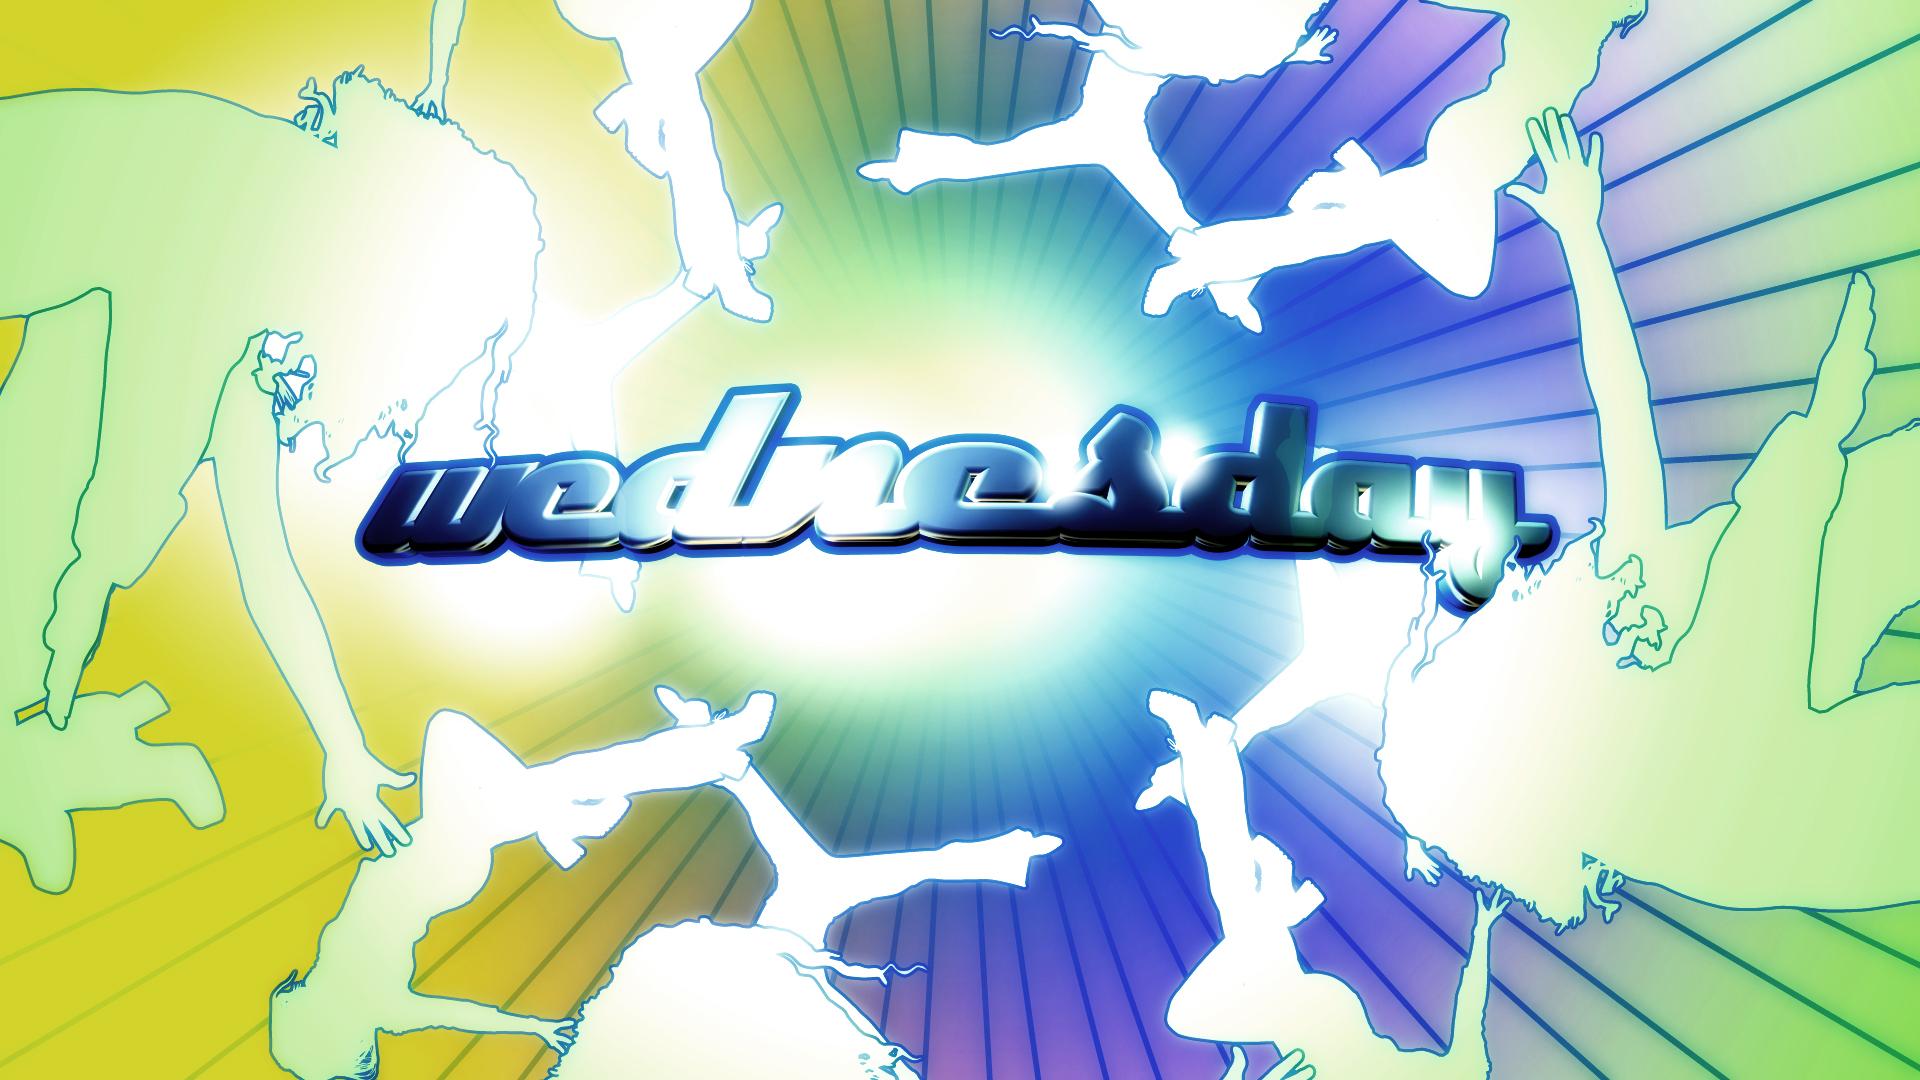 Wednesday_Magneto_01_01.jpg